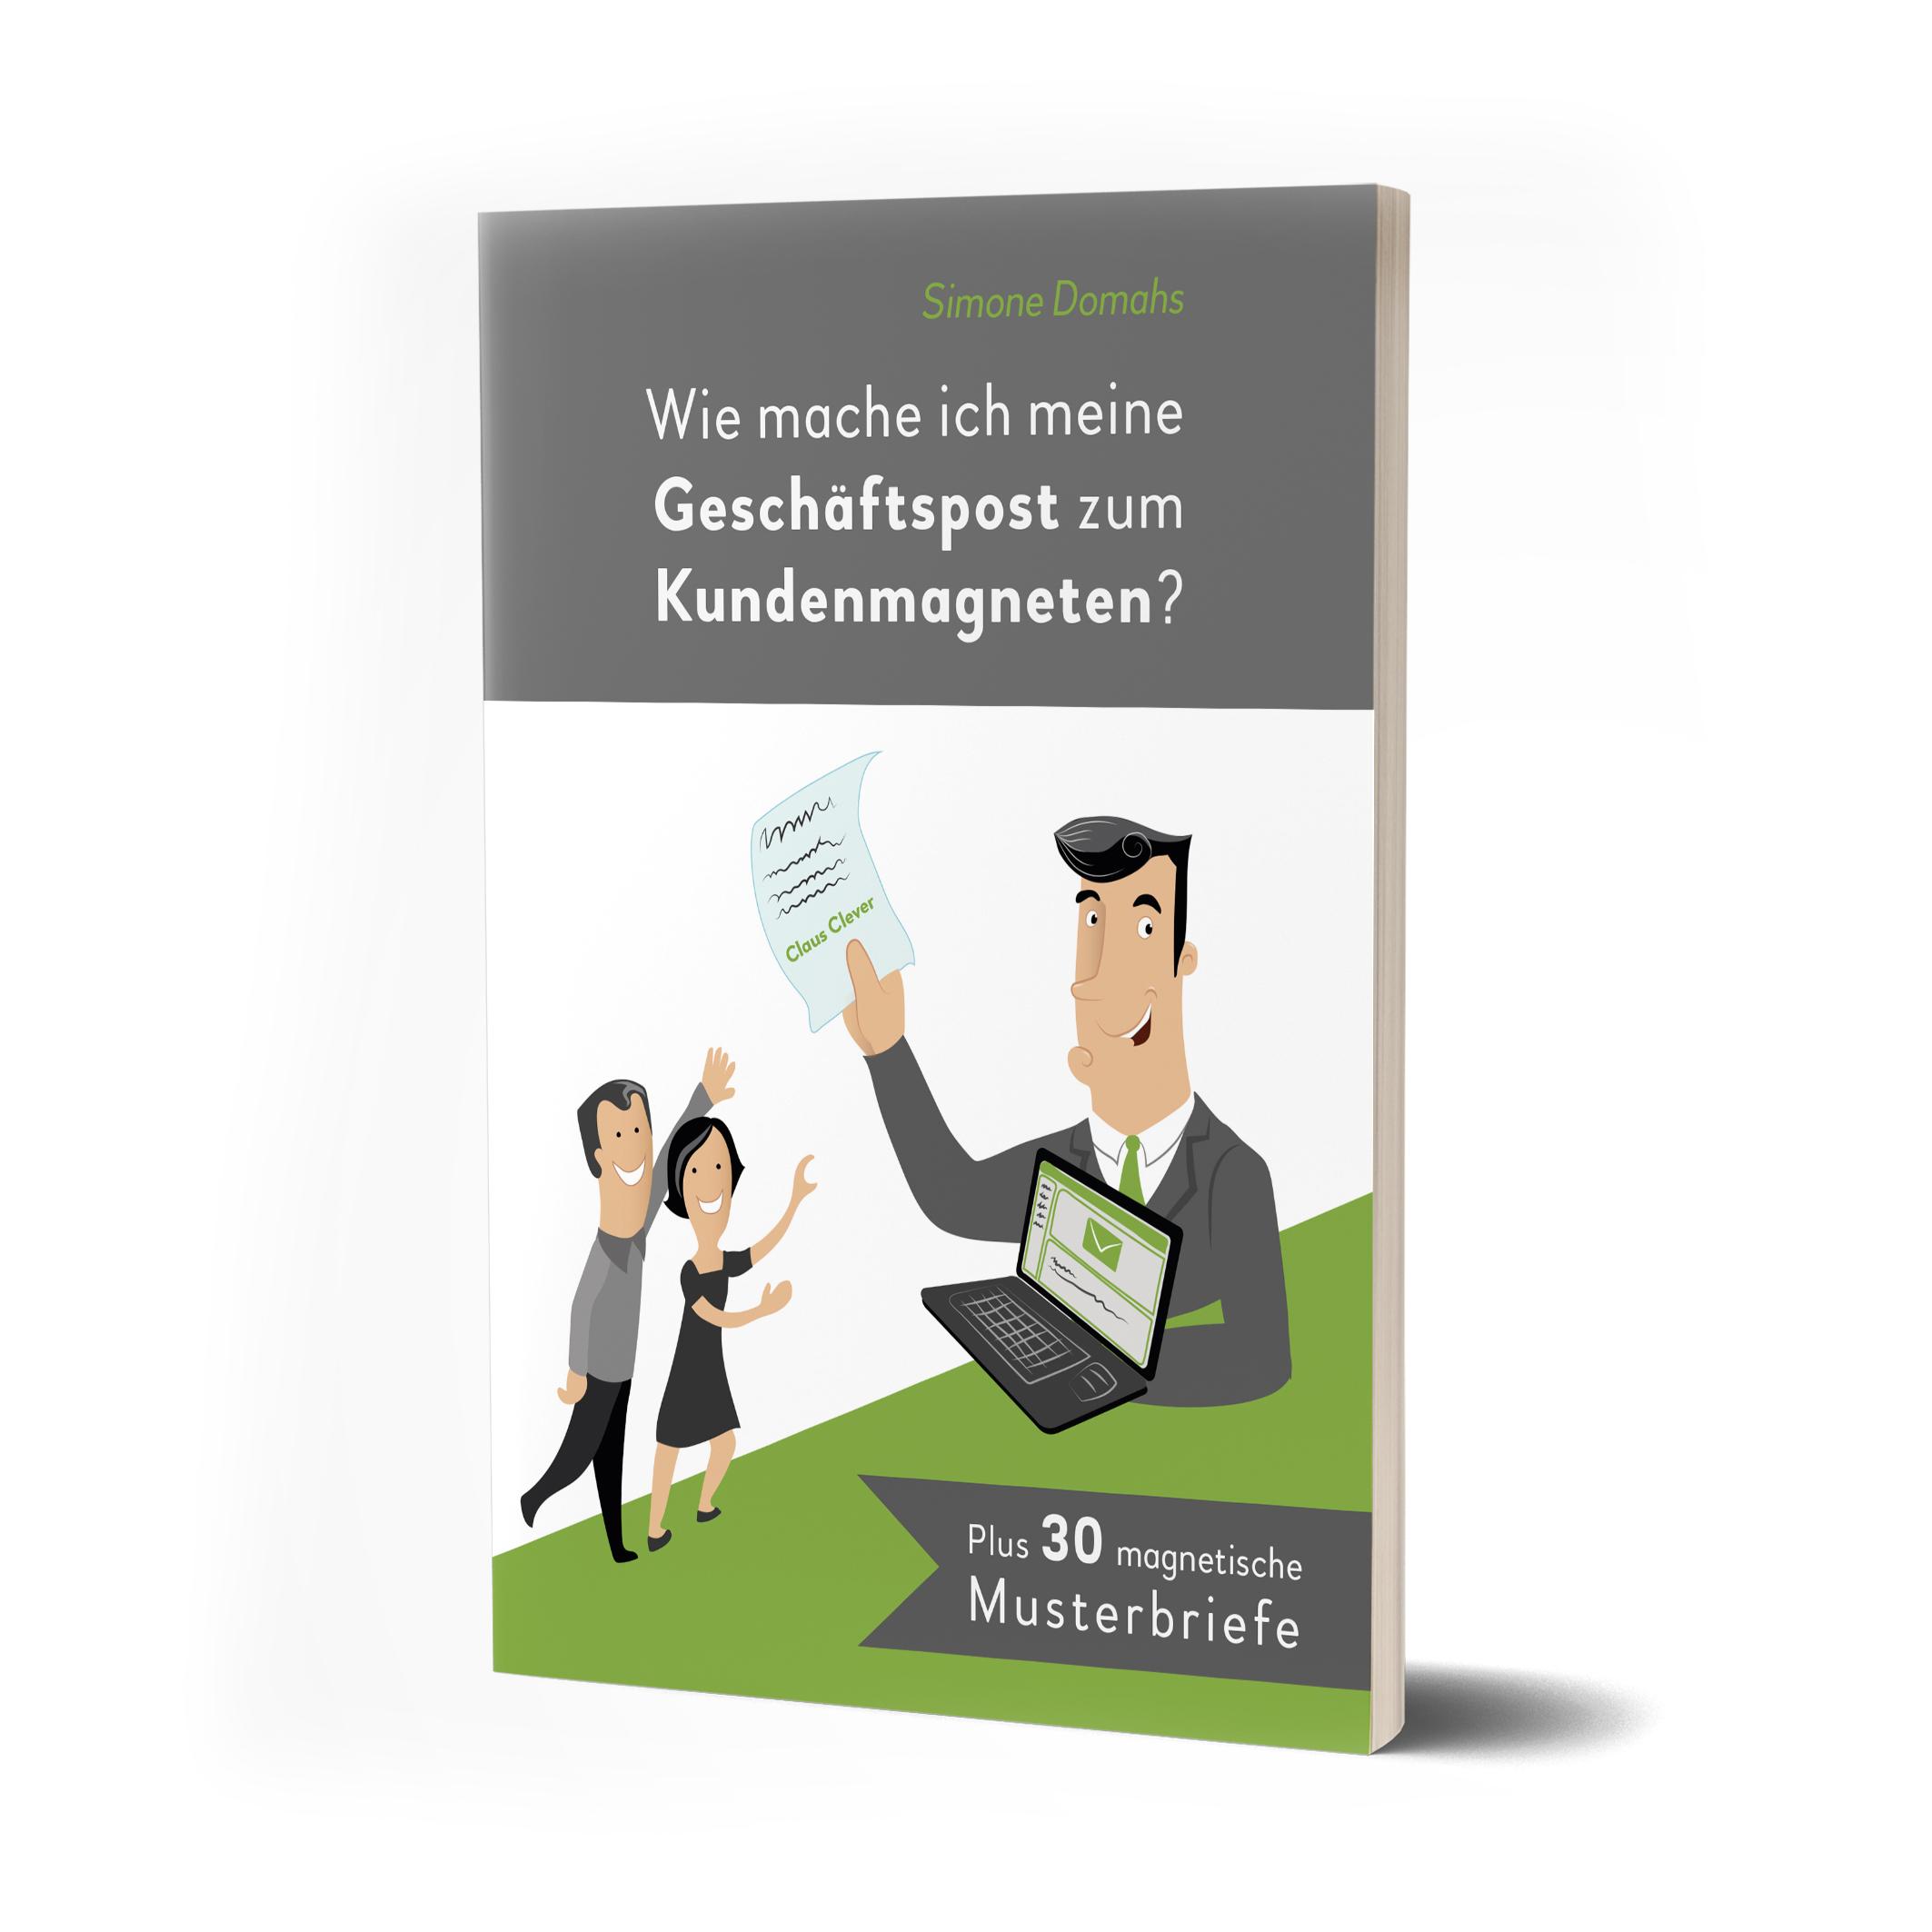 Buch Simone Domahs Wie mache ich meine Geschäftspost zum Kundenmagneten?